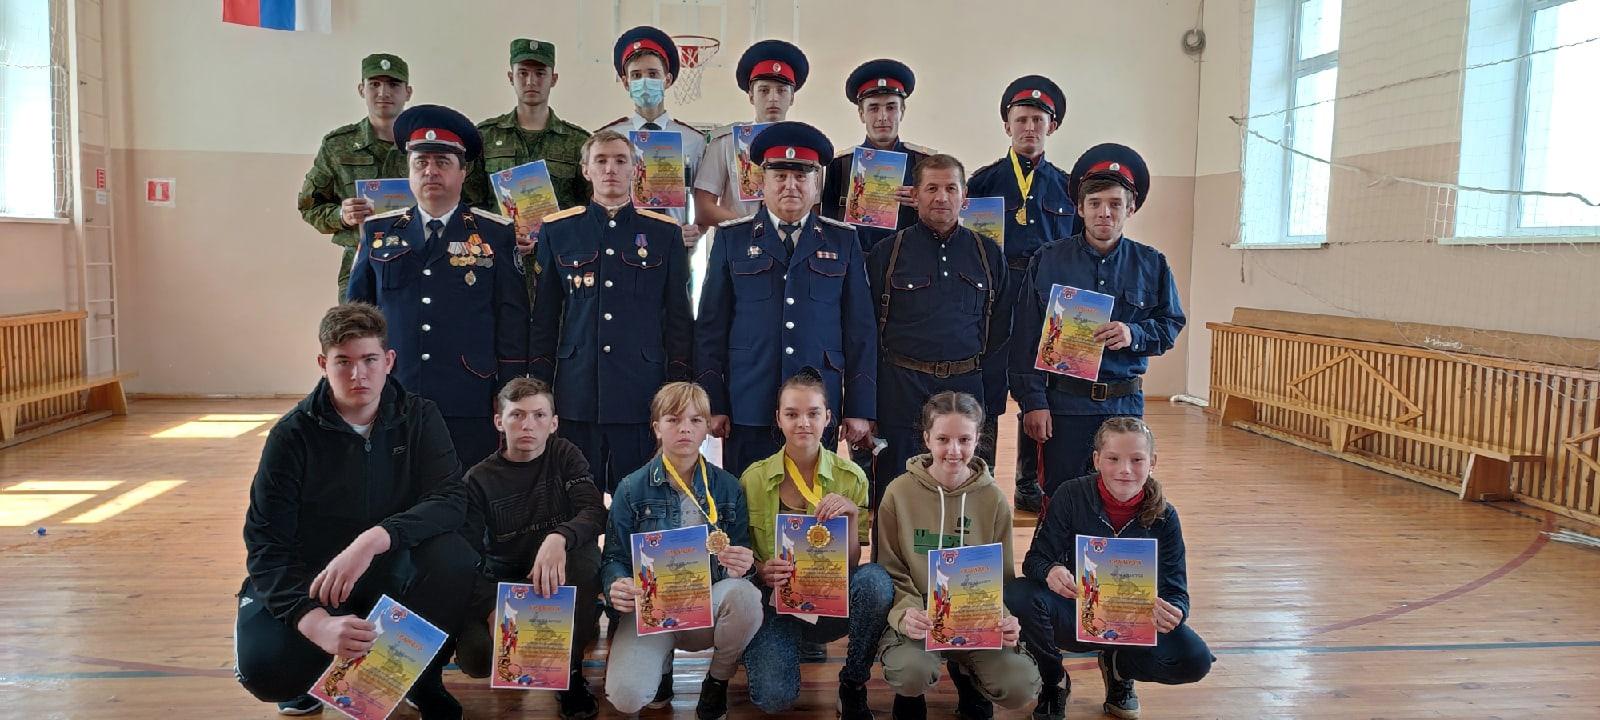 В миллеровской казачьей школе № 2 прошли соревнования по фланкировке казачьей шашкой, посвященные 76-й годовщине Победы в Великой Отечественной Войне